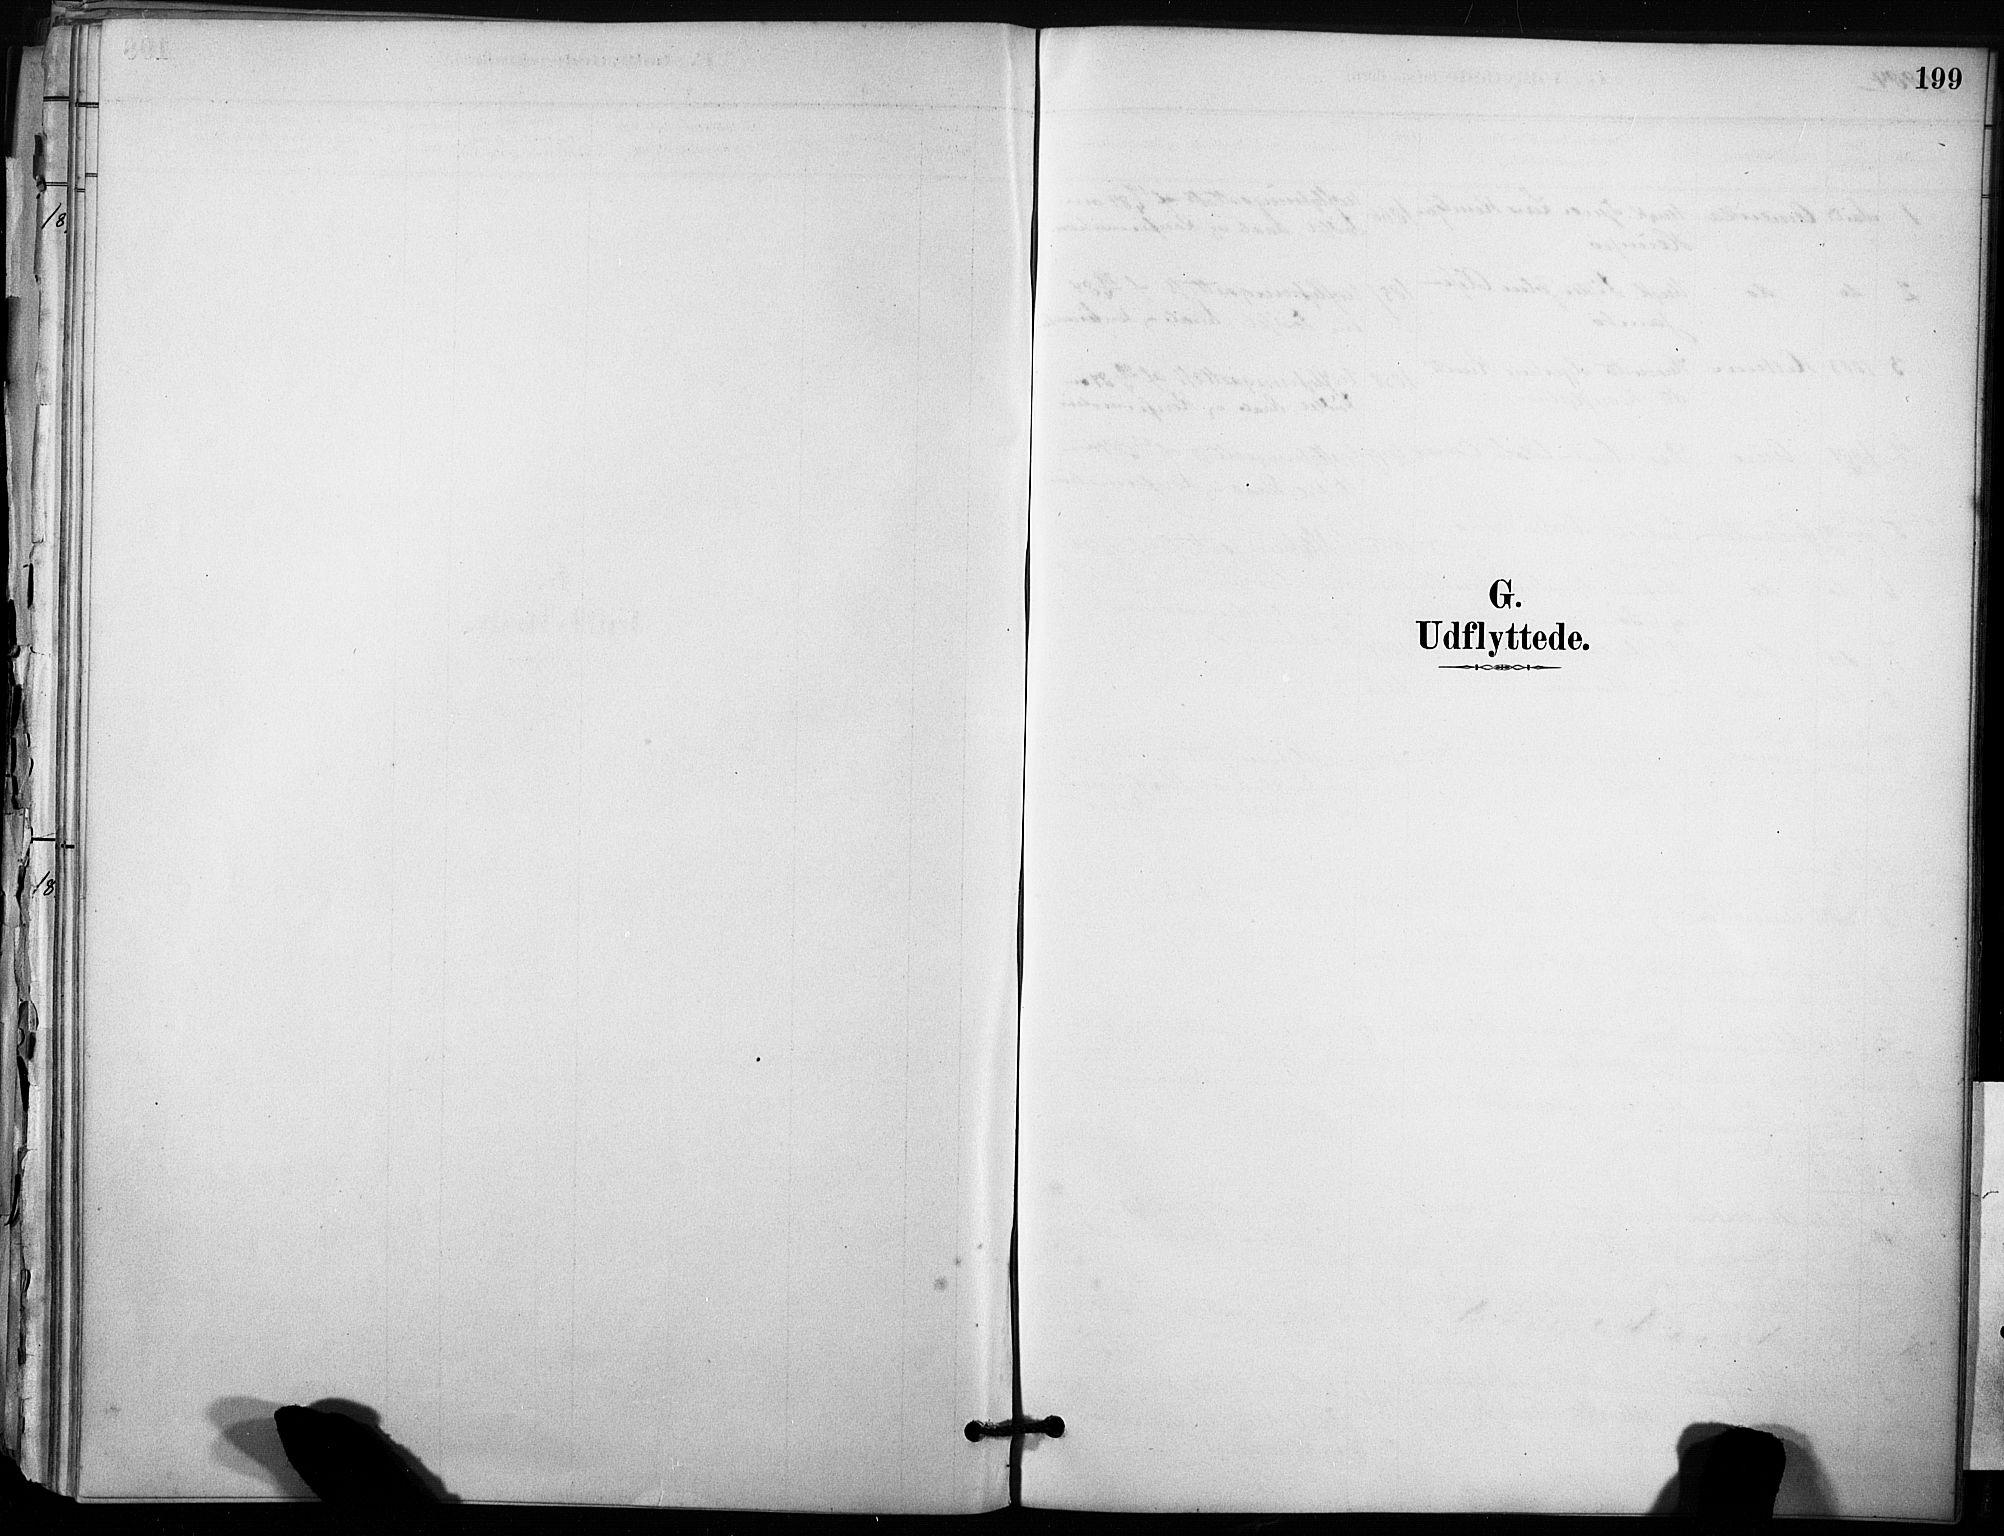 SAT, Ministerialprotokoller, klokkerbøker og fødselsregistre - Sør-Trøndelag, 633/L0518: Ministerialbok nr. 633A01, 1884-1906, s. 199